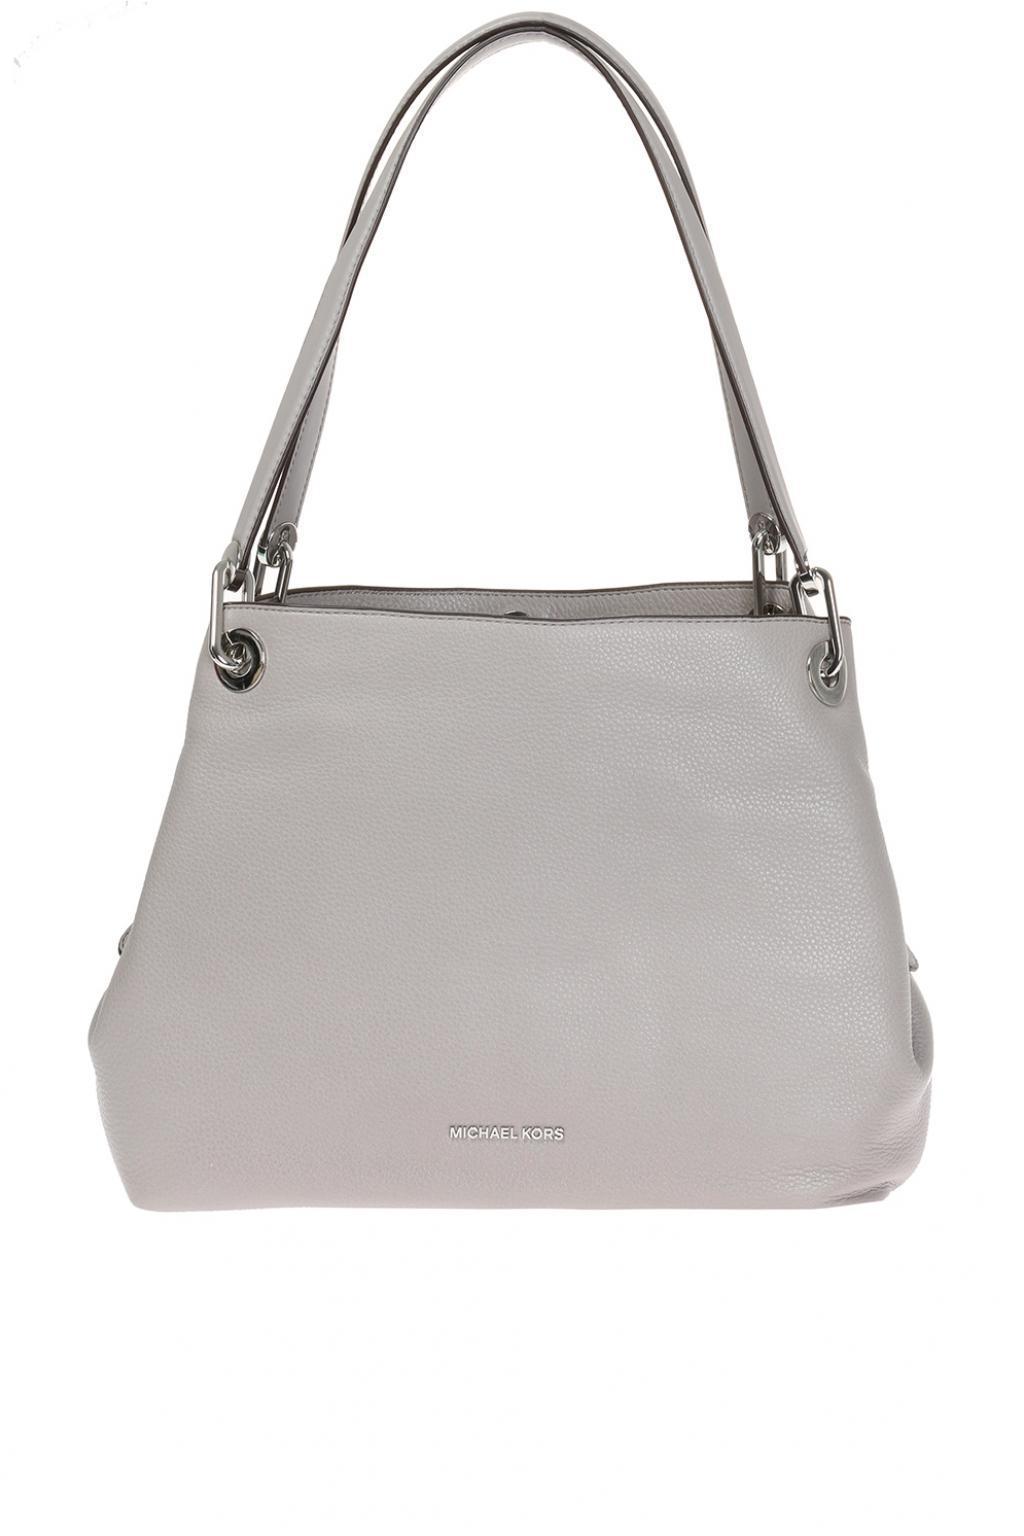 371b9d733cf39 Double click Michael Kors raven Shoulder Bag in Gray - Lyst Buy ...